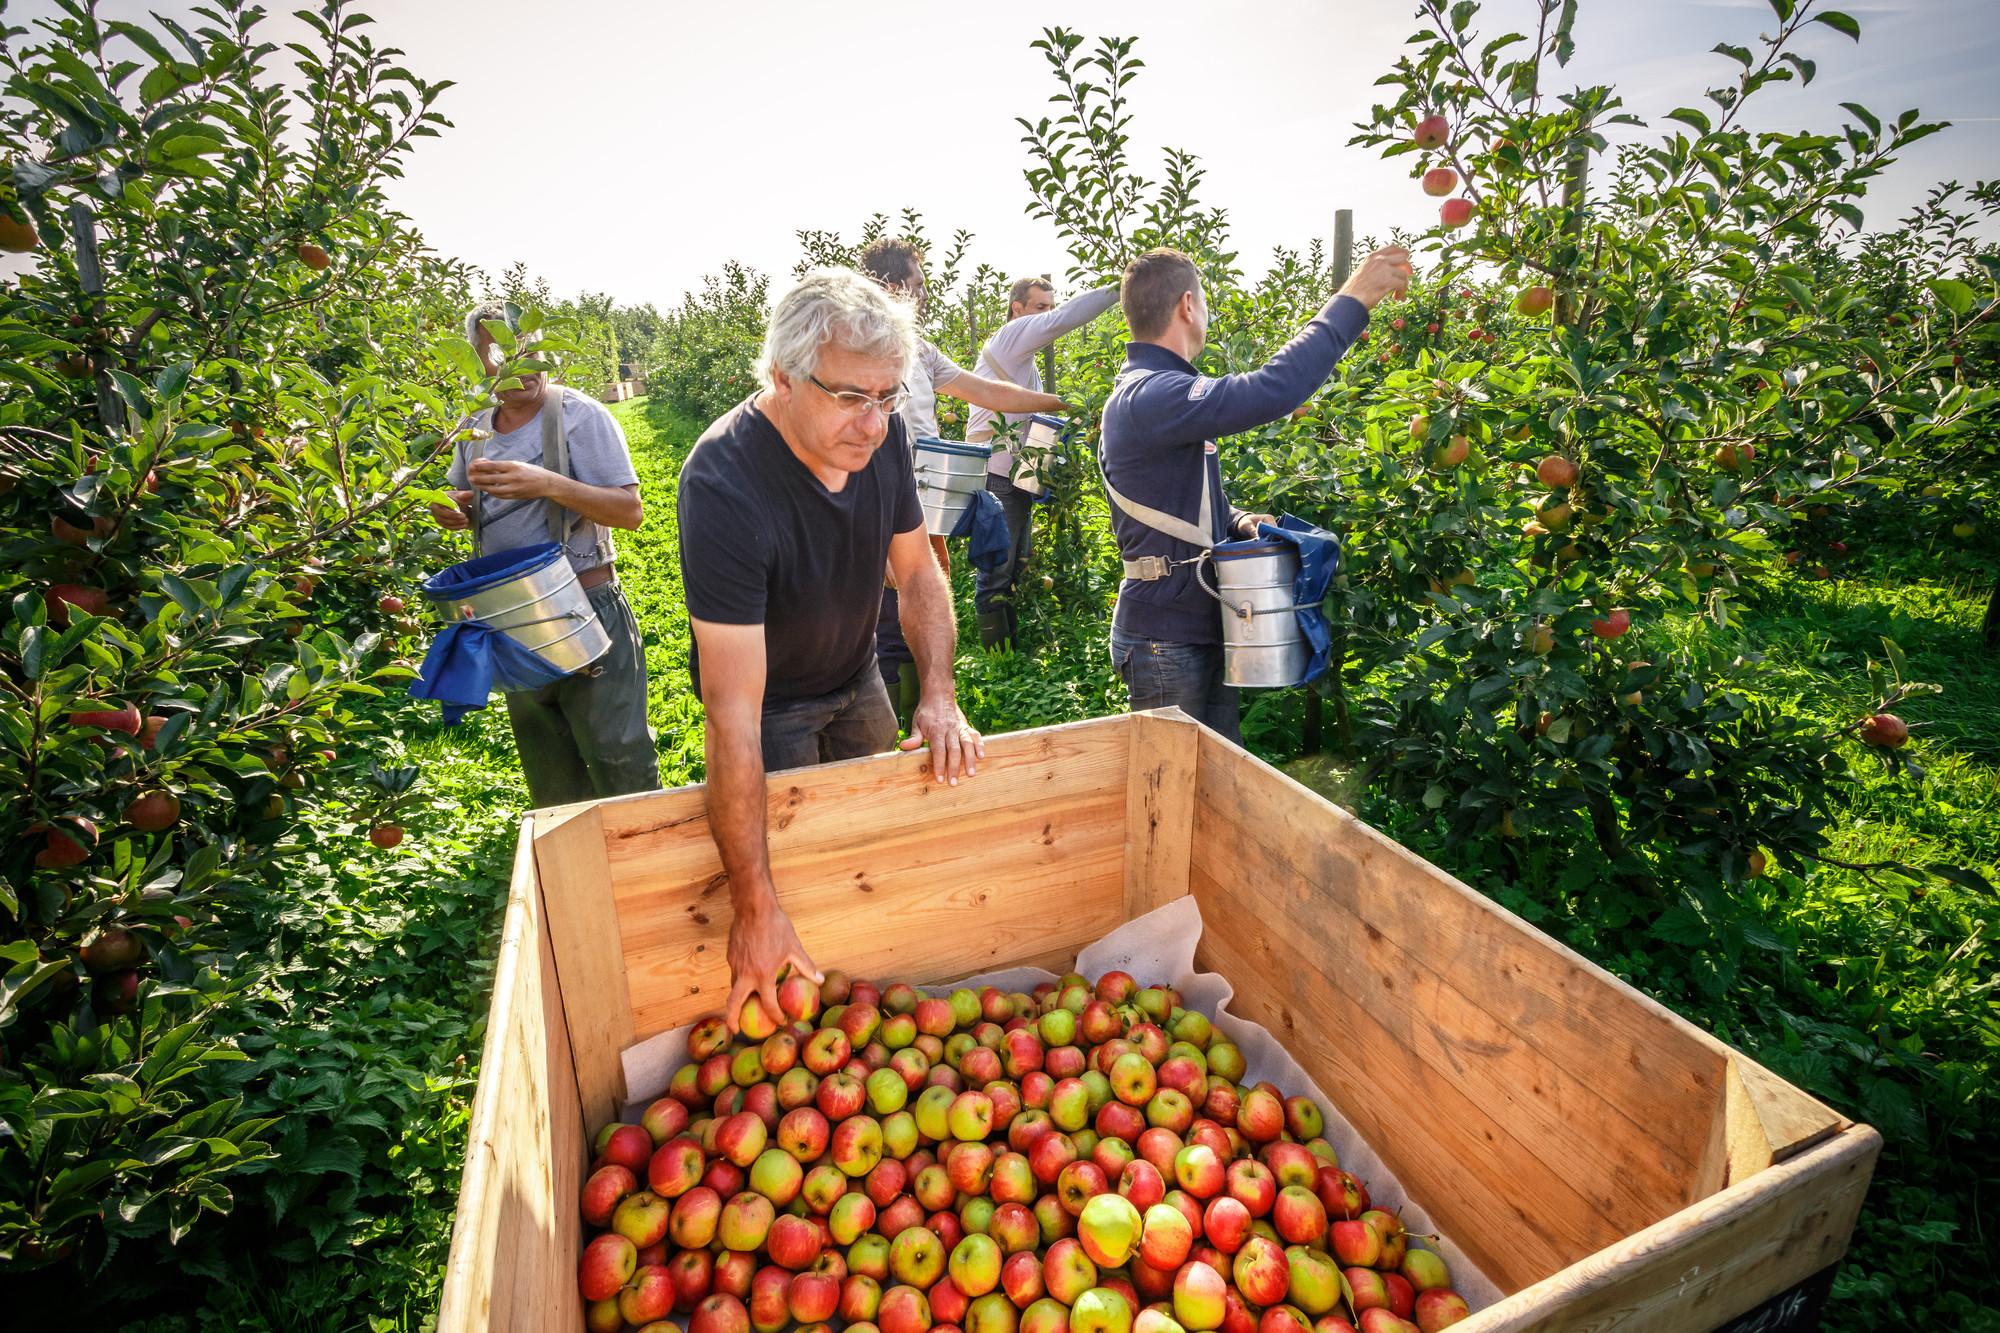 Van eykeren bio appel bio mijn natuur.jpg